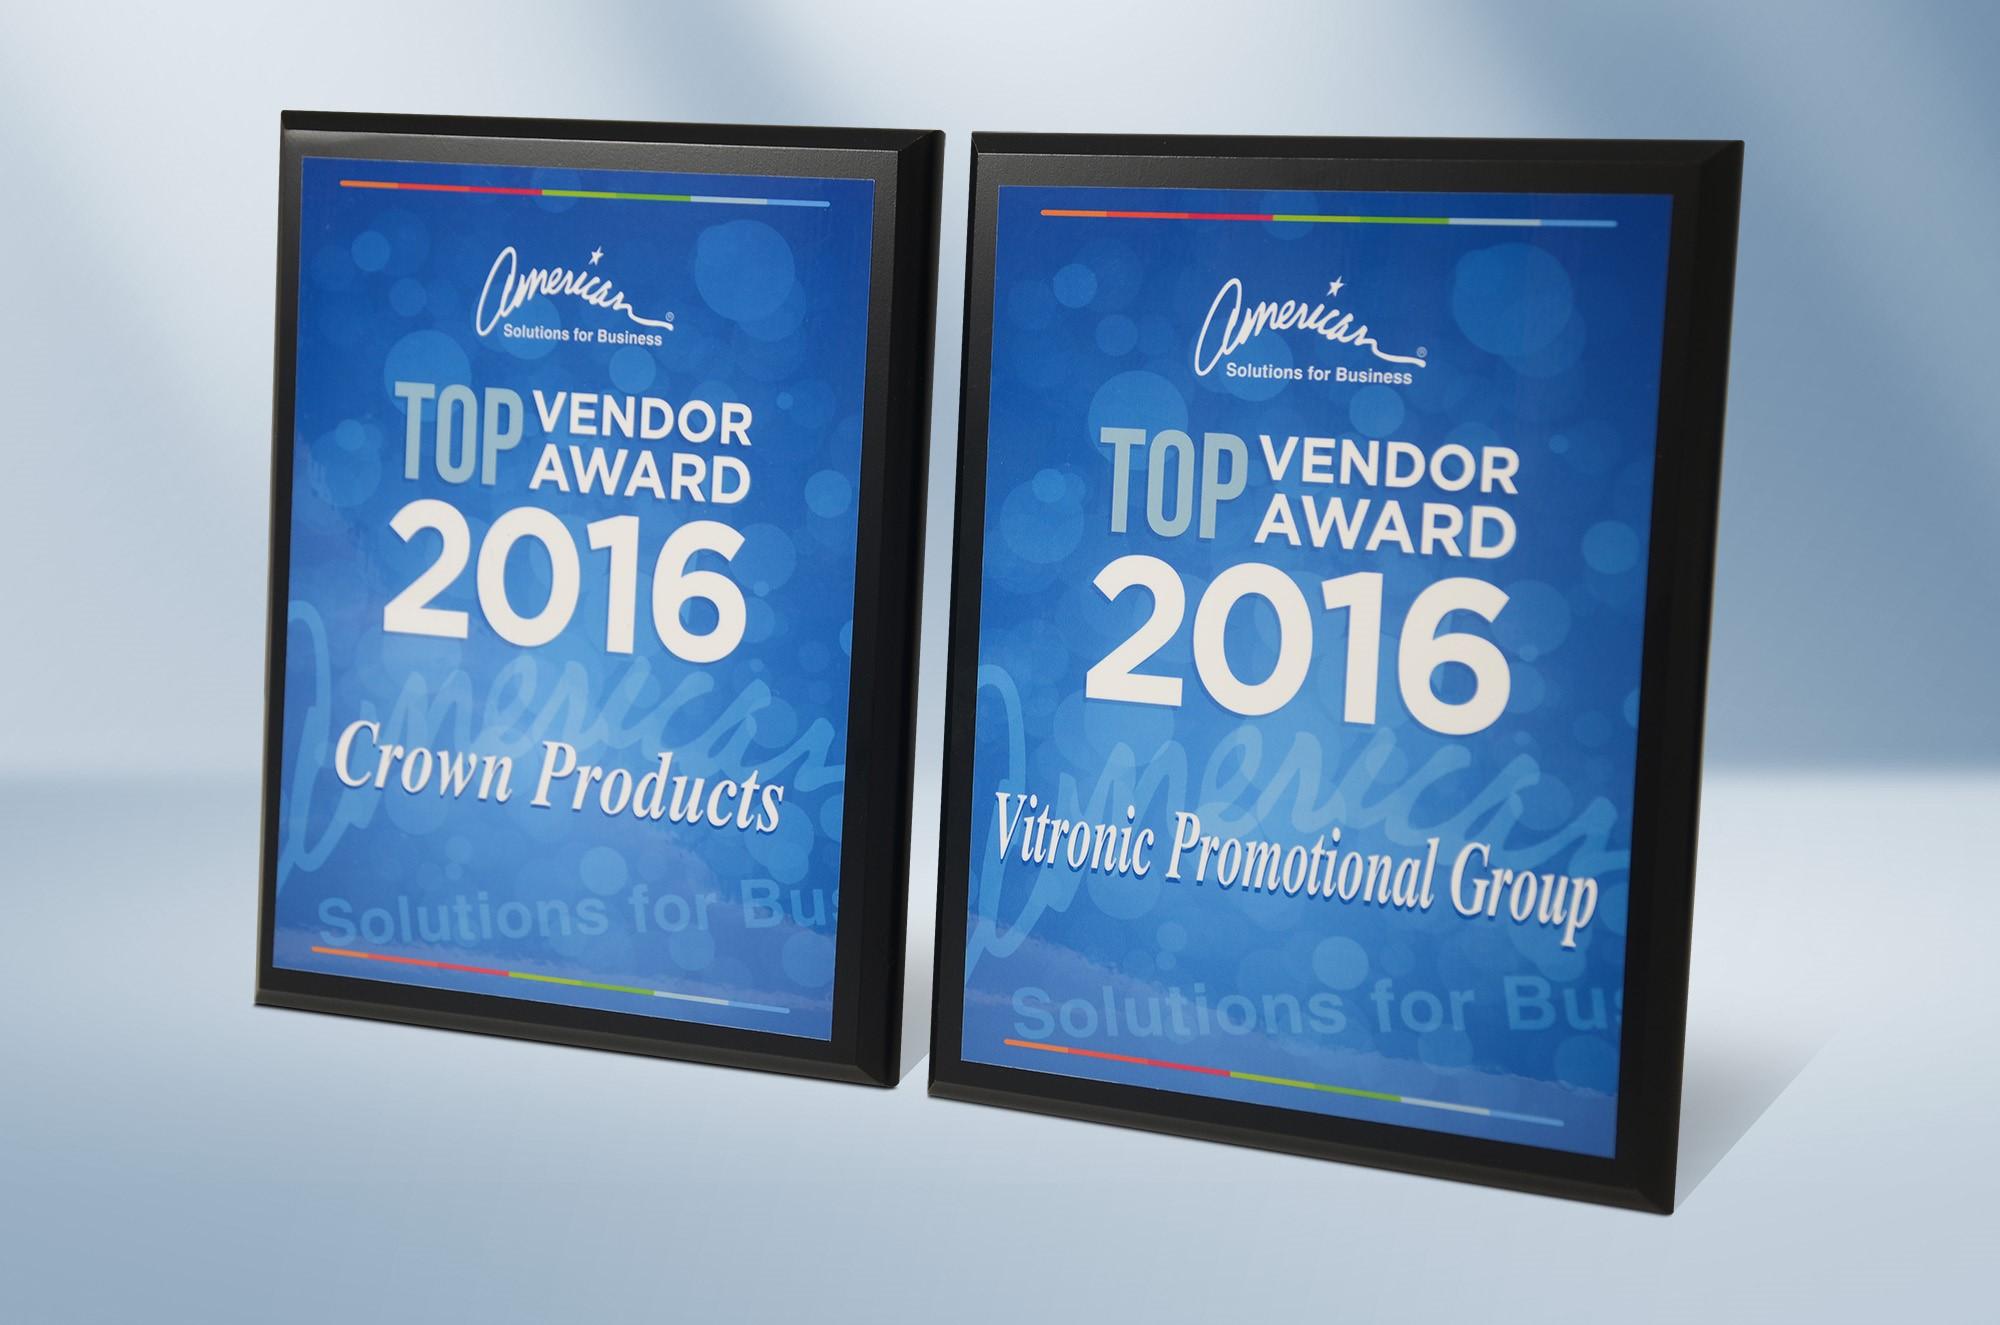 Top Vendor Awards